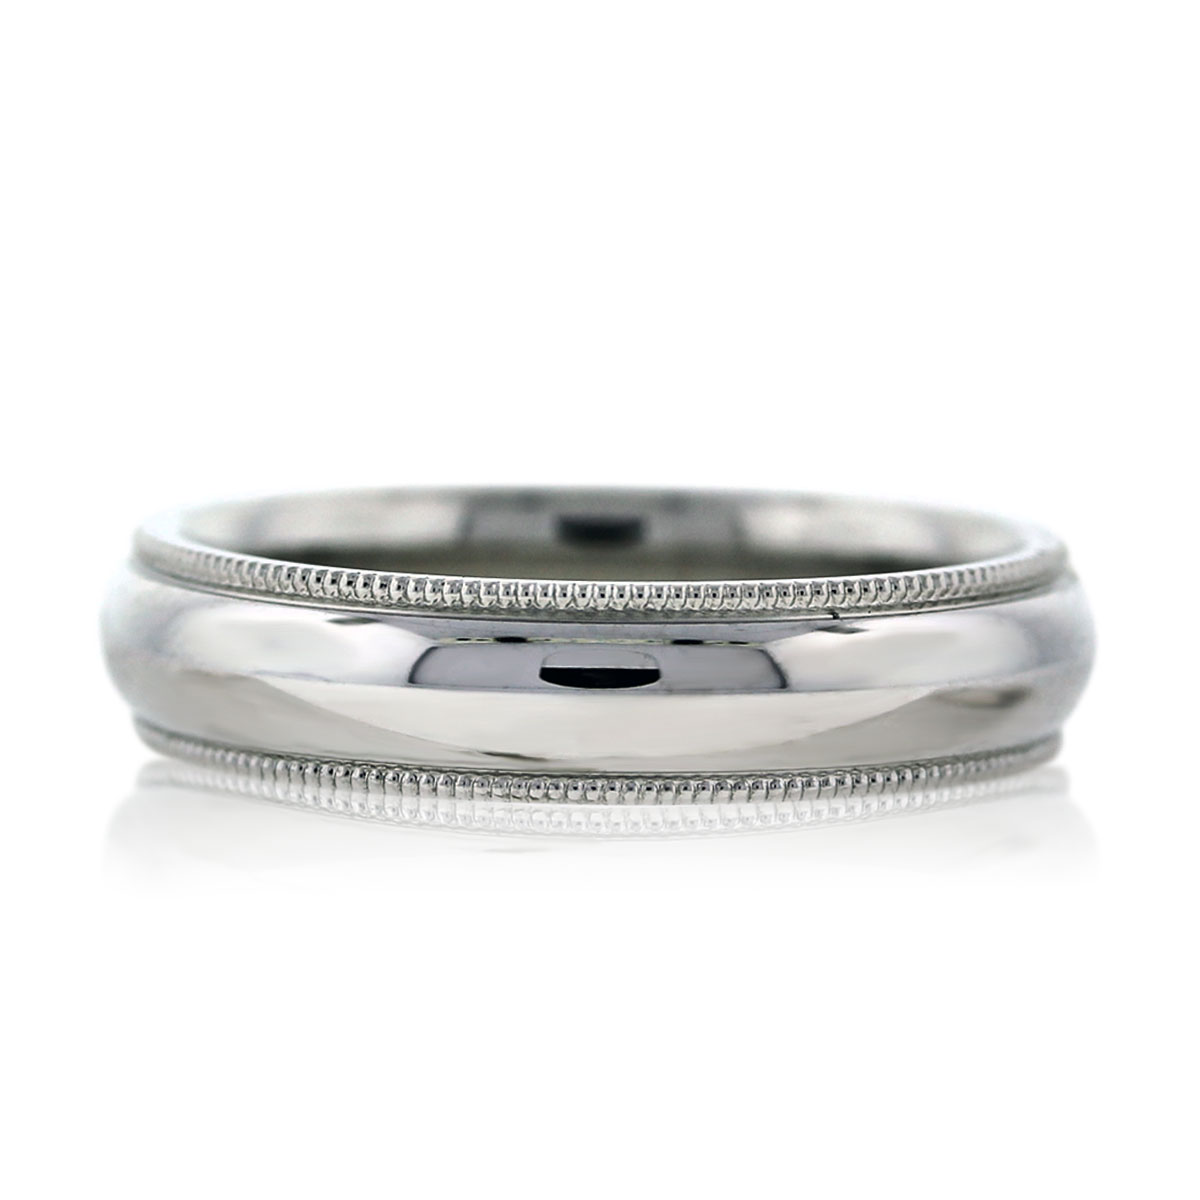 14k white gold milgrain mens wedding band ring milgrain wedding band Estate Mens Wedding Band Ring